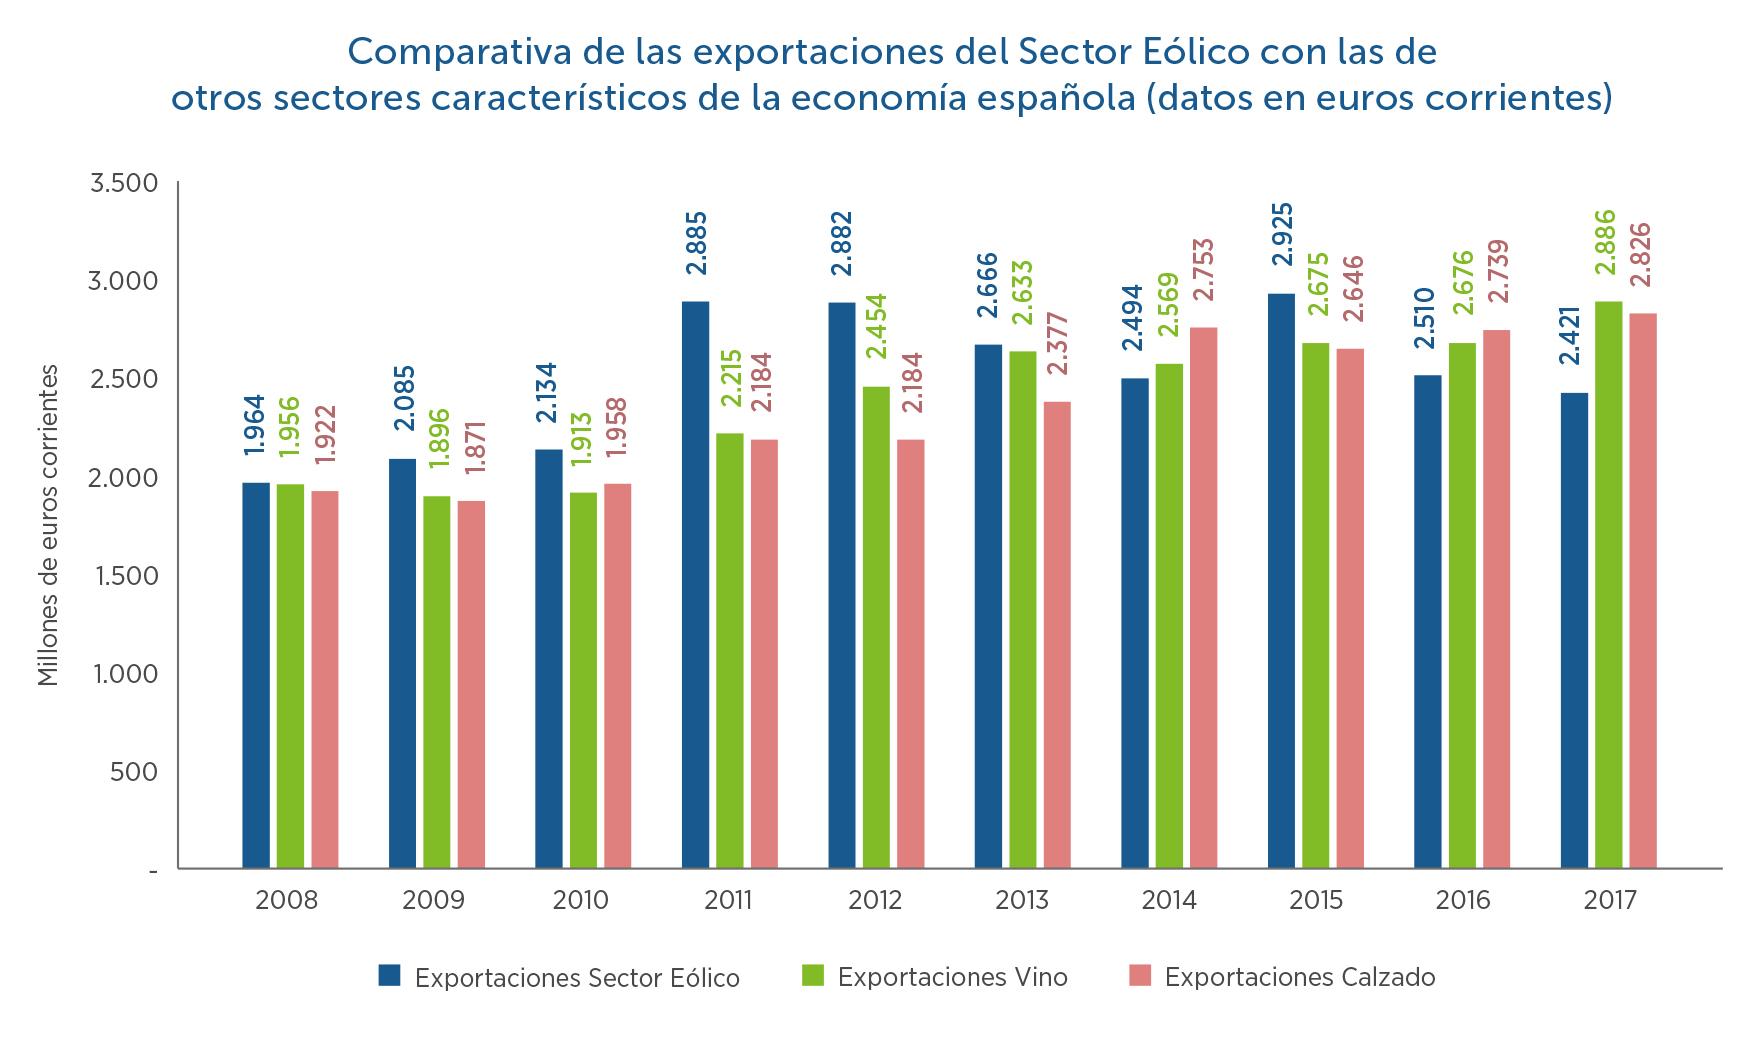 15-Comparativa-exportaciones-del-sector-elico-con-otros-sectores-en-economa-espaola